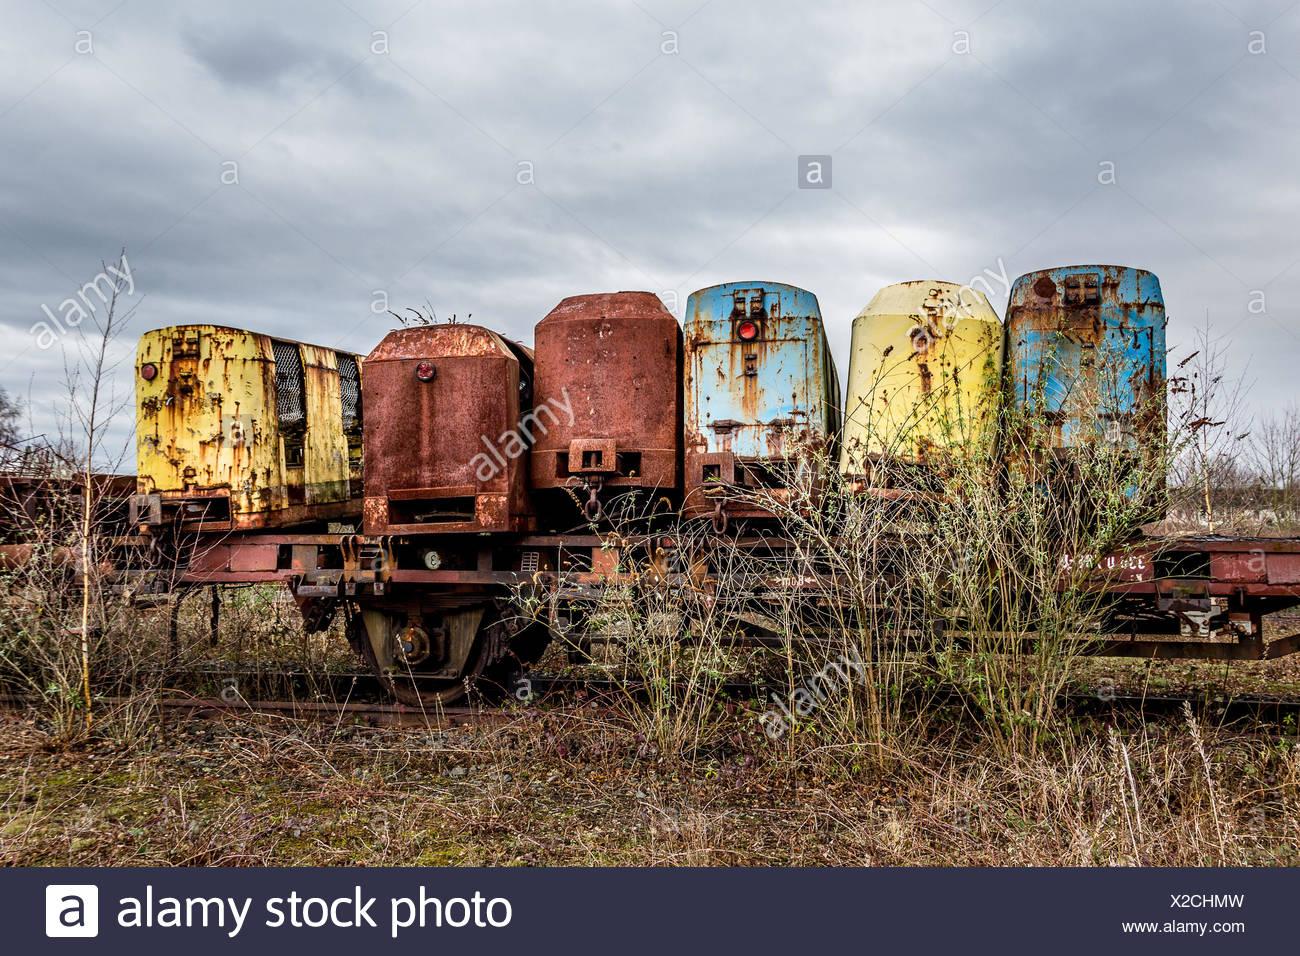 Alter Überlieferung auf einer Bahn in der Nähe von Duisburg Stockbild